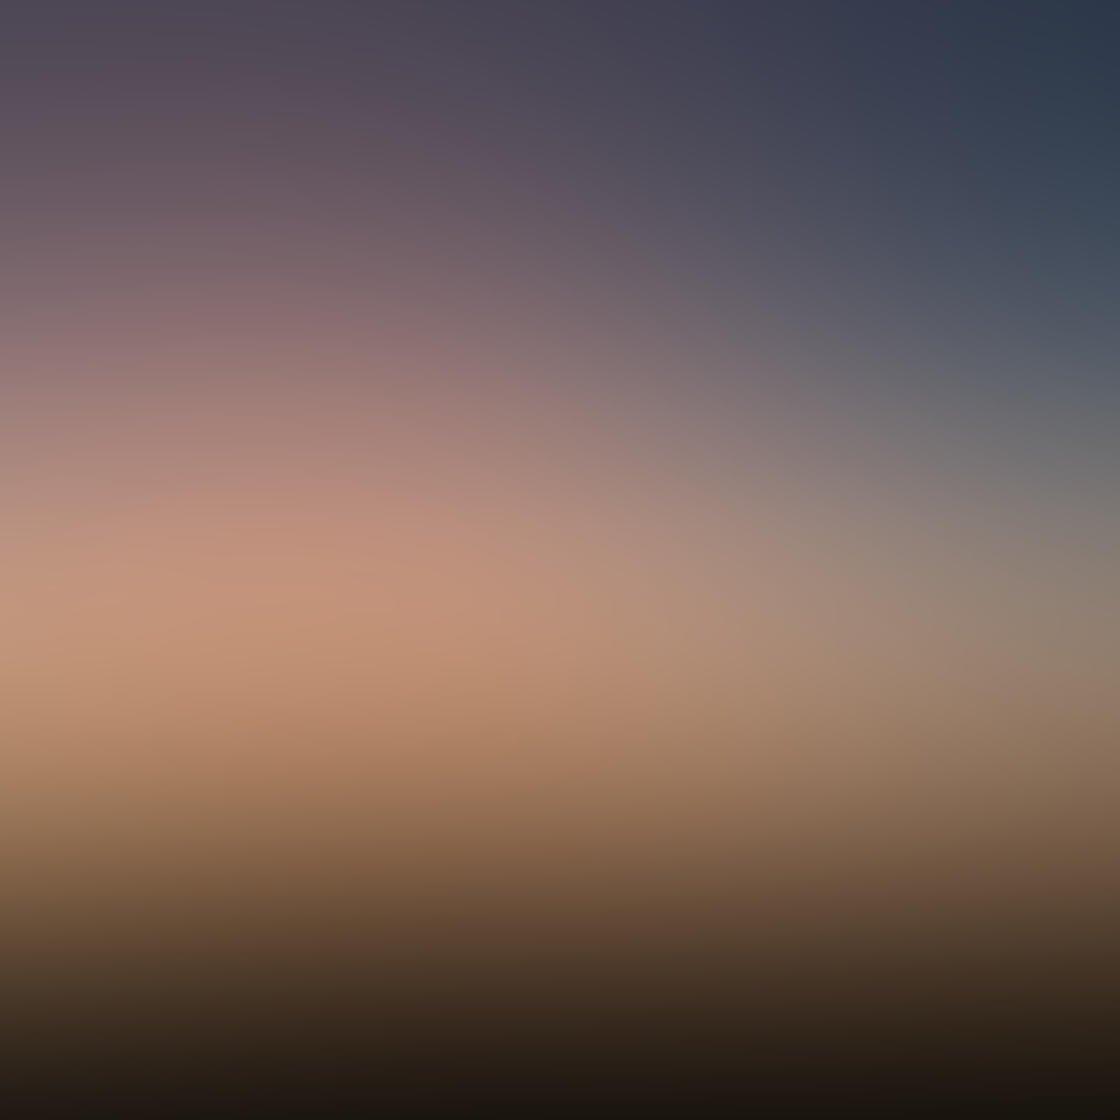 Landscape iPhone Photo Composition 30